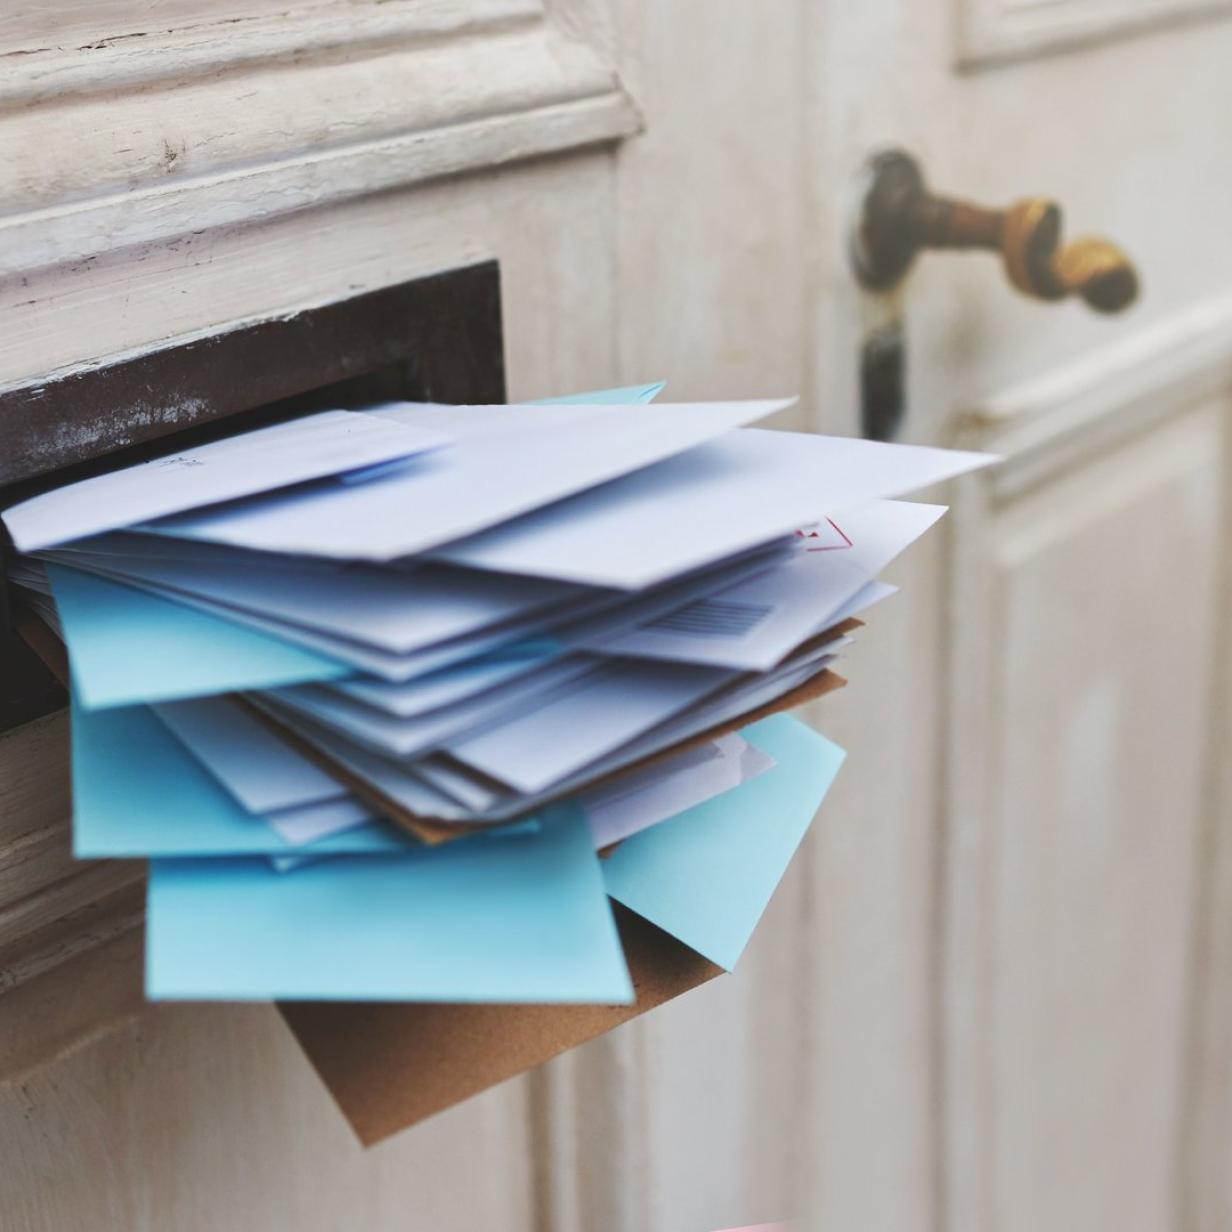 Post erhöht ab April 2020 Porto für Briefe und Päckchen